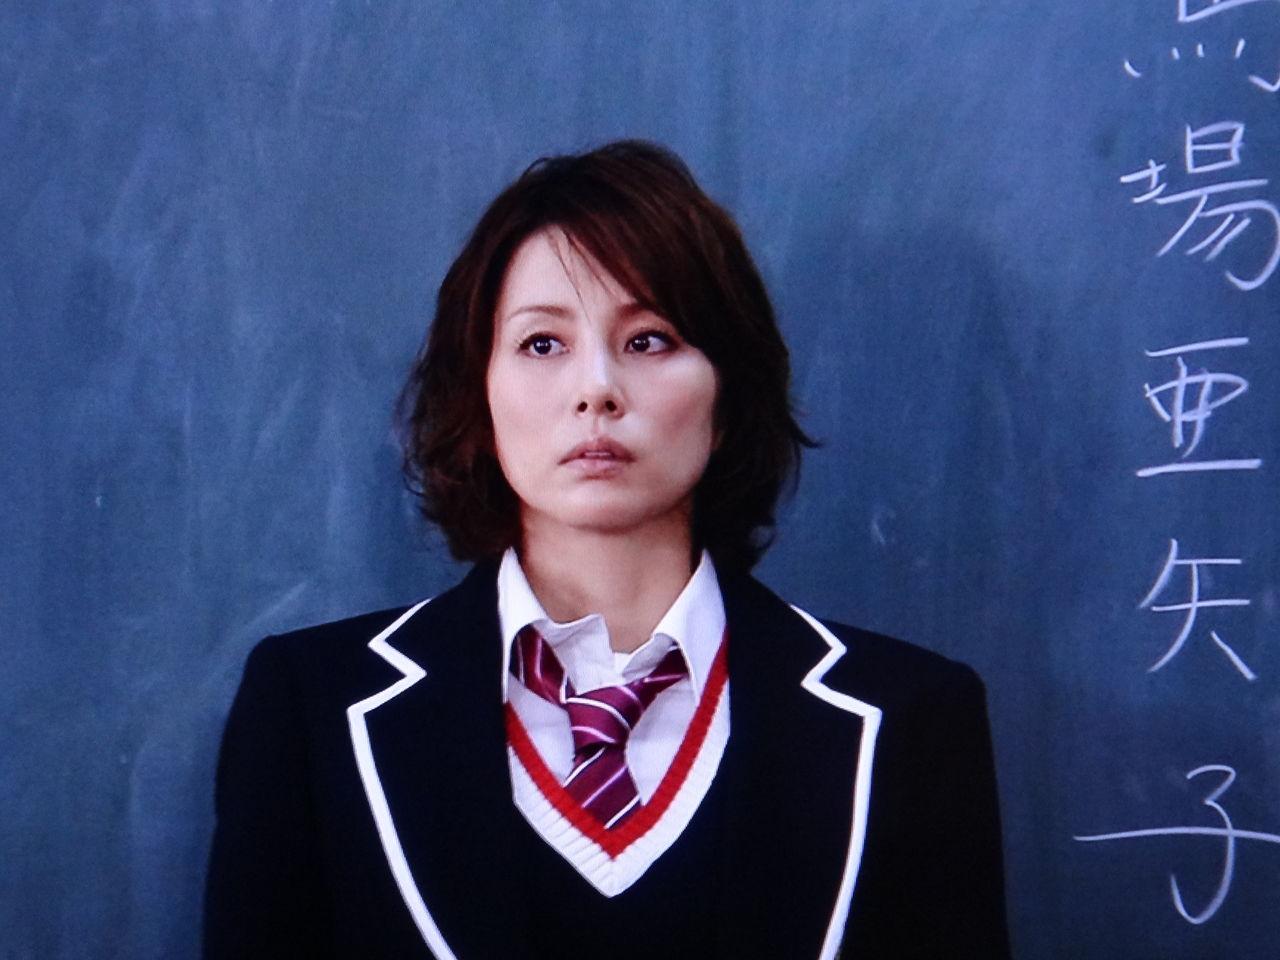 米倉涼子主演!「35歳の高校生」ってどんなドラマ?主題歌は?のサムネイル画像